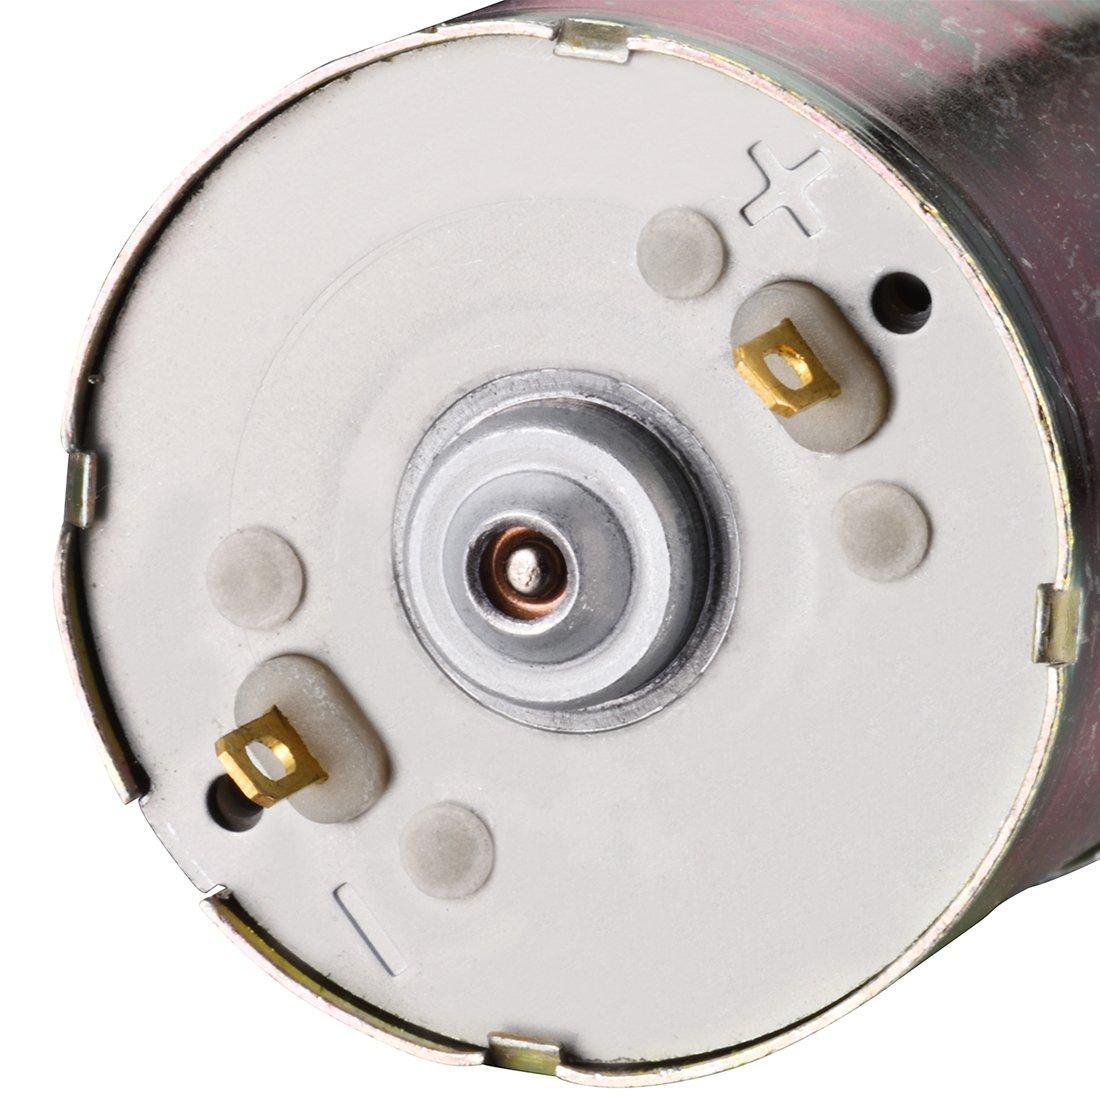 DC 24V 1000PM Micro moteur r/éducteur /électrique vitesse arbre sortie bo/îte vitesses